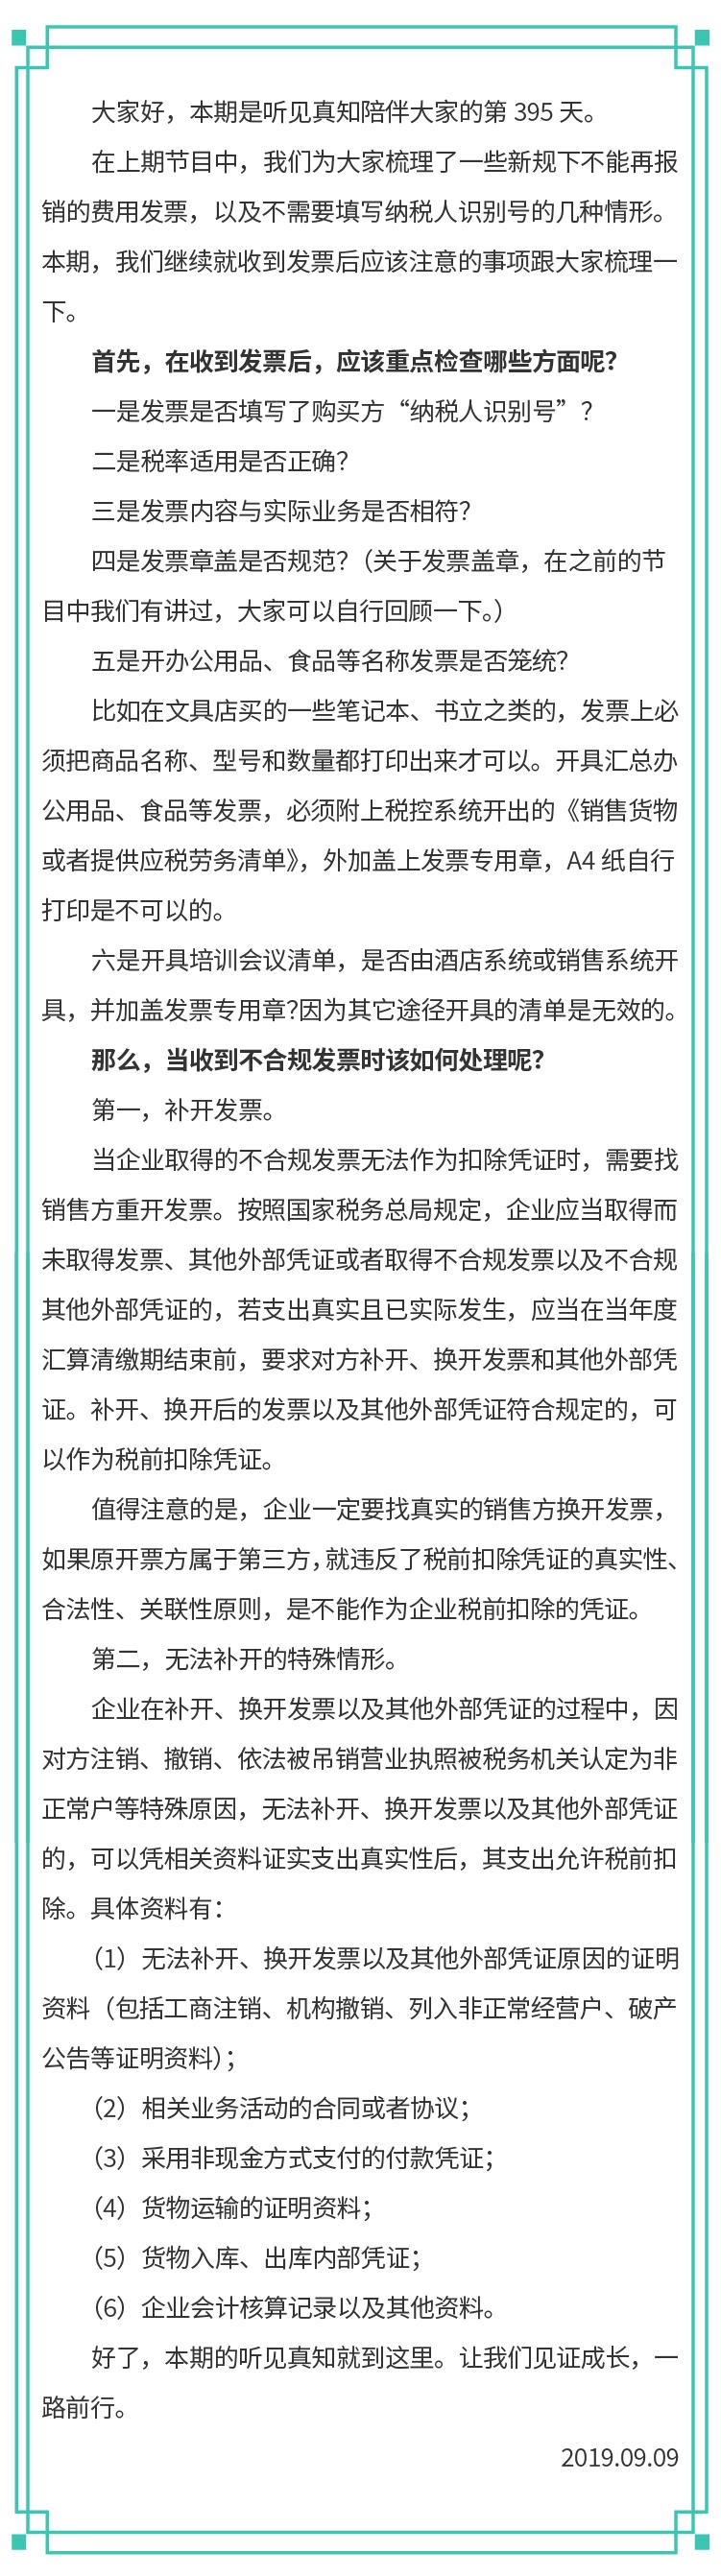 听见真知_0909_听见真知_课程详情.png